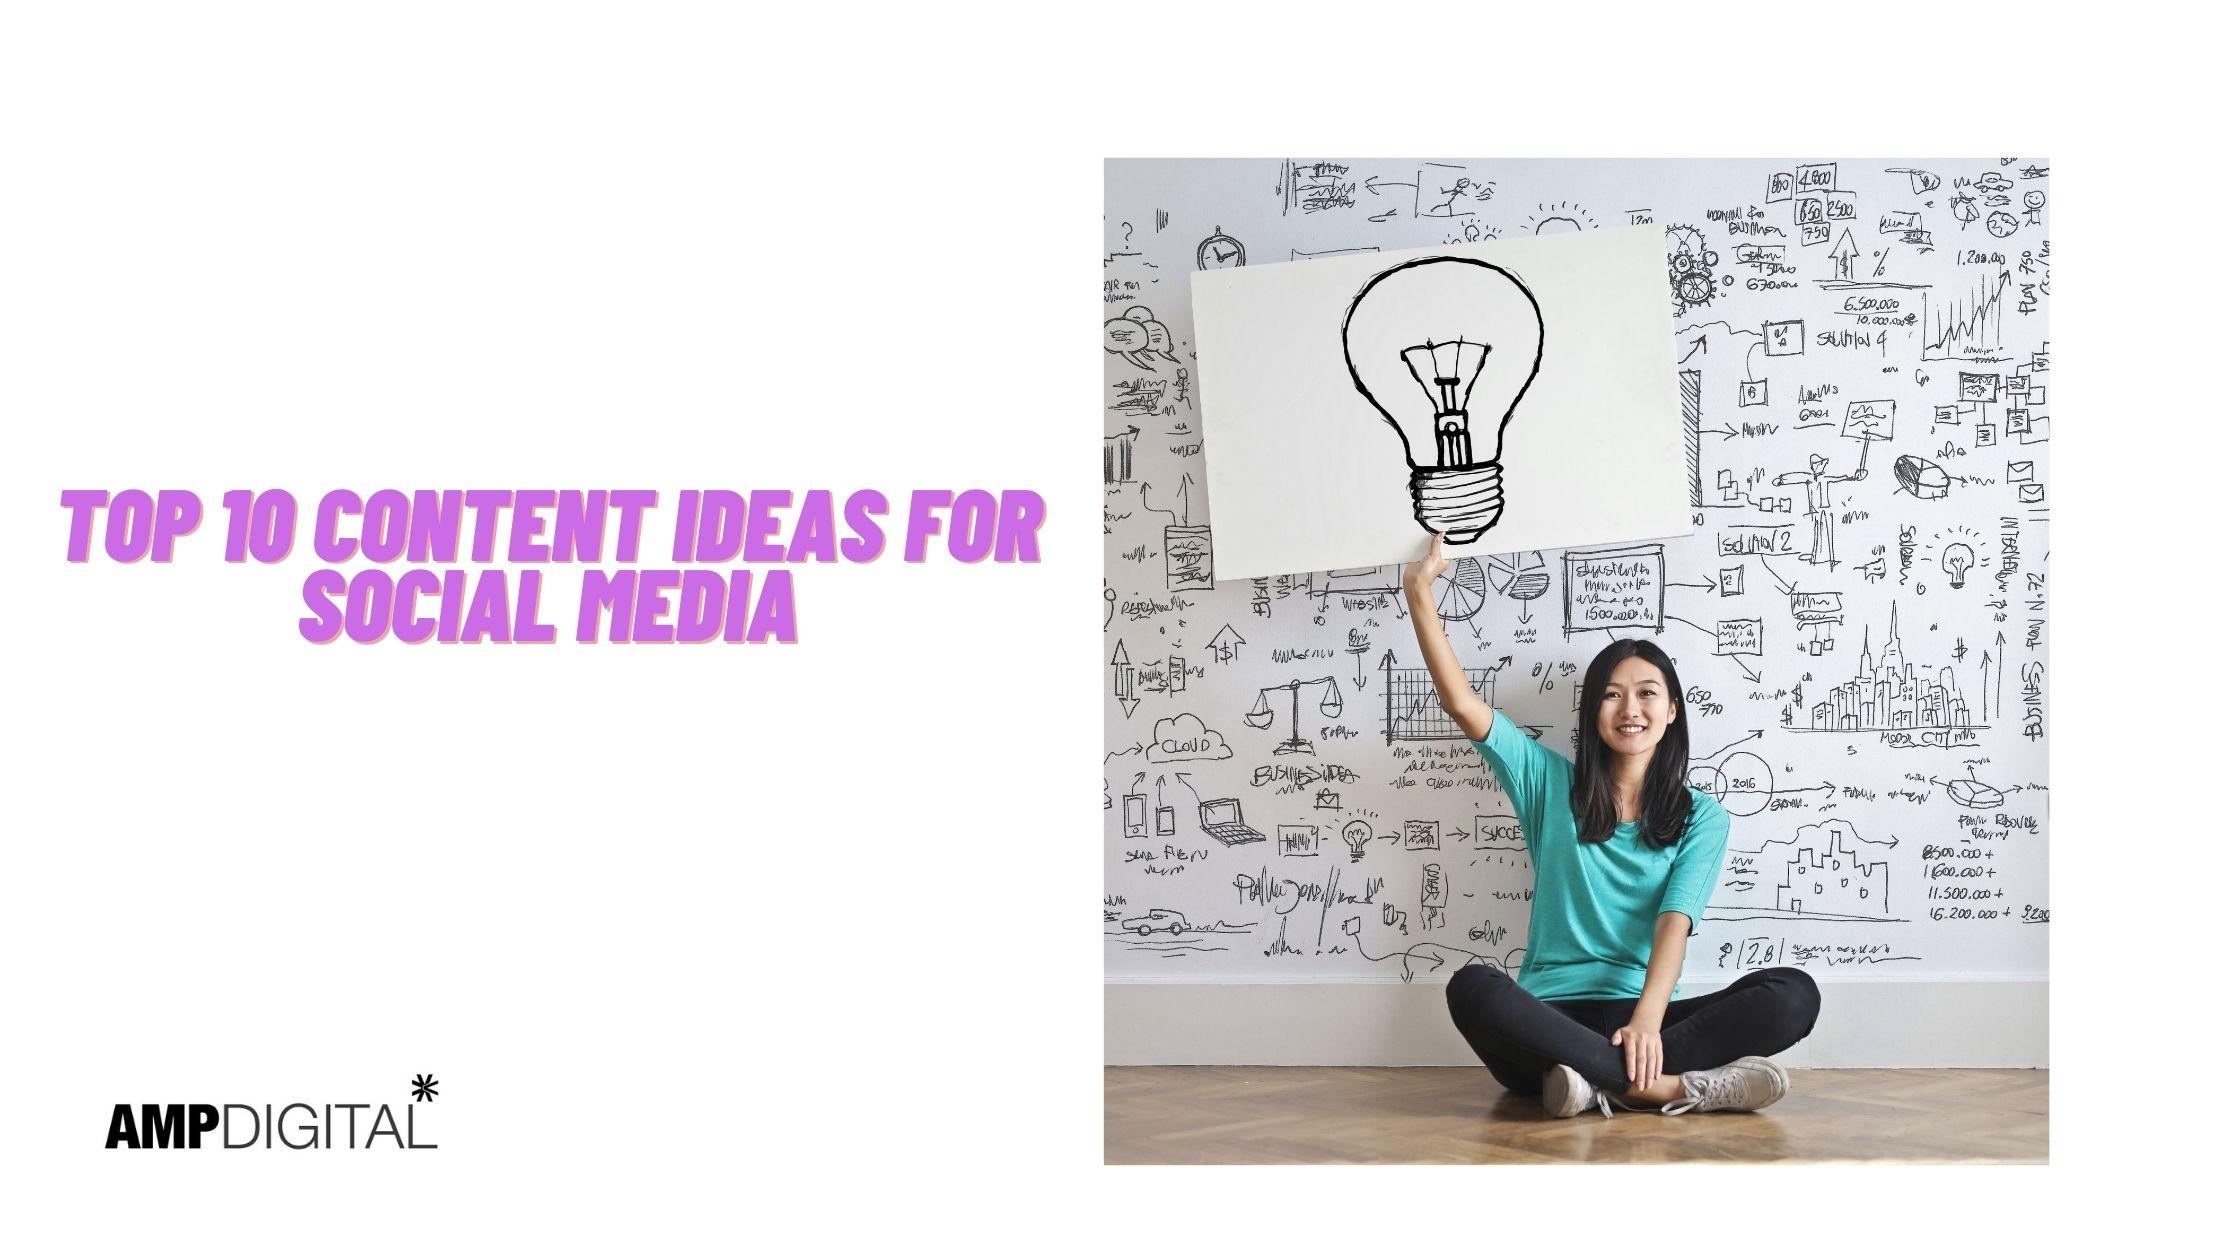 Top 10 Content Ideas For Social Media